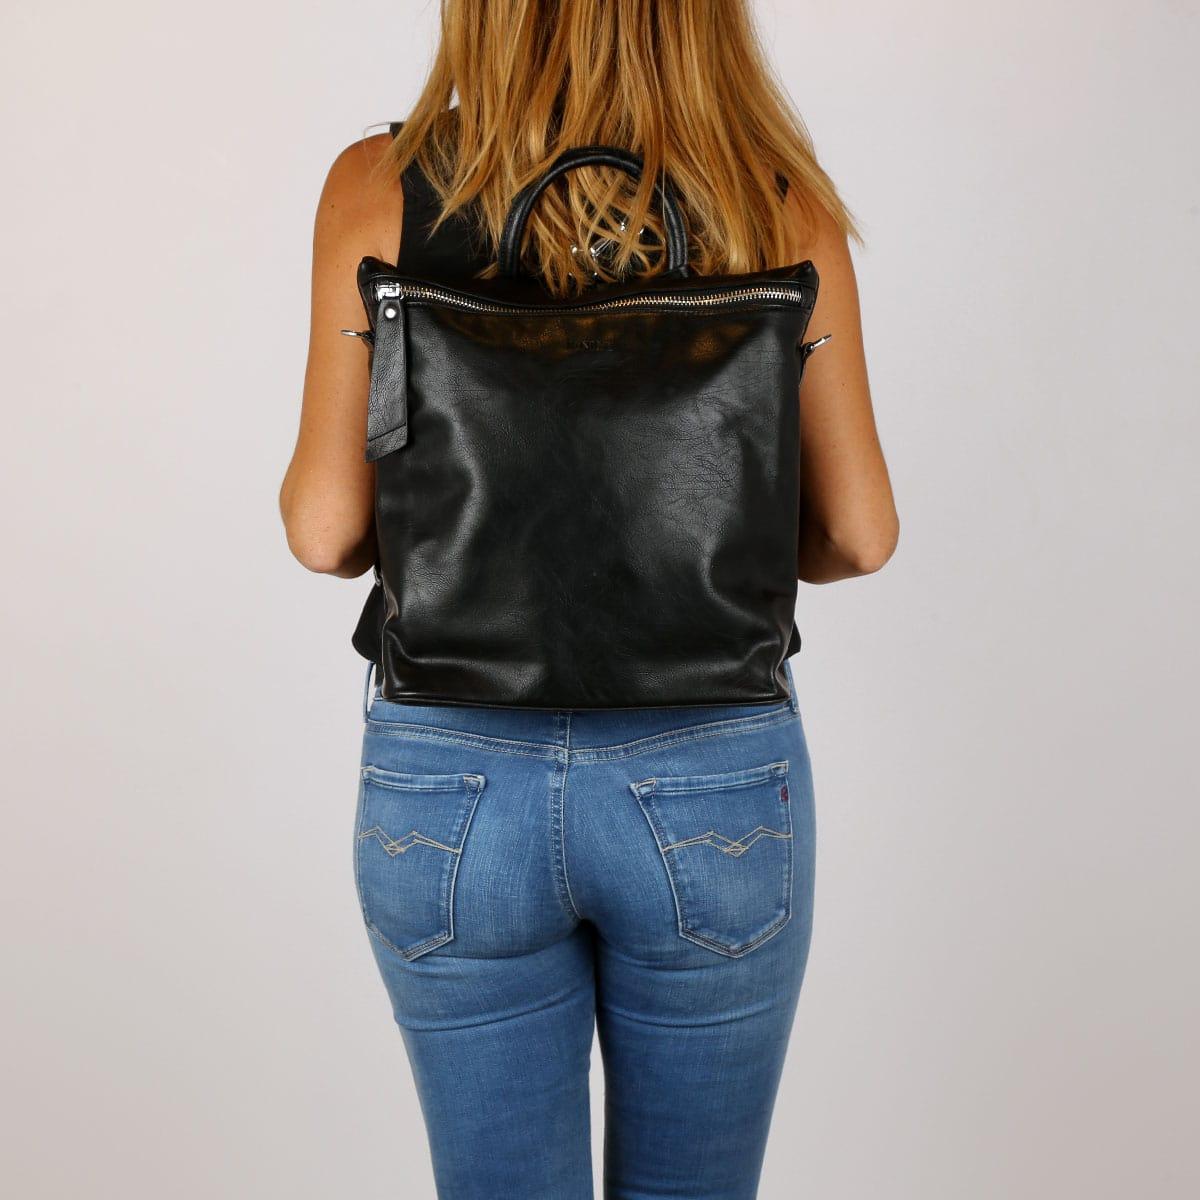 דגם איב: תיק גב בצבע שחור